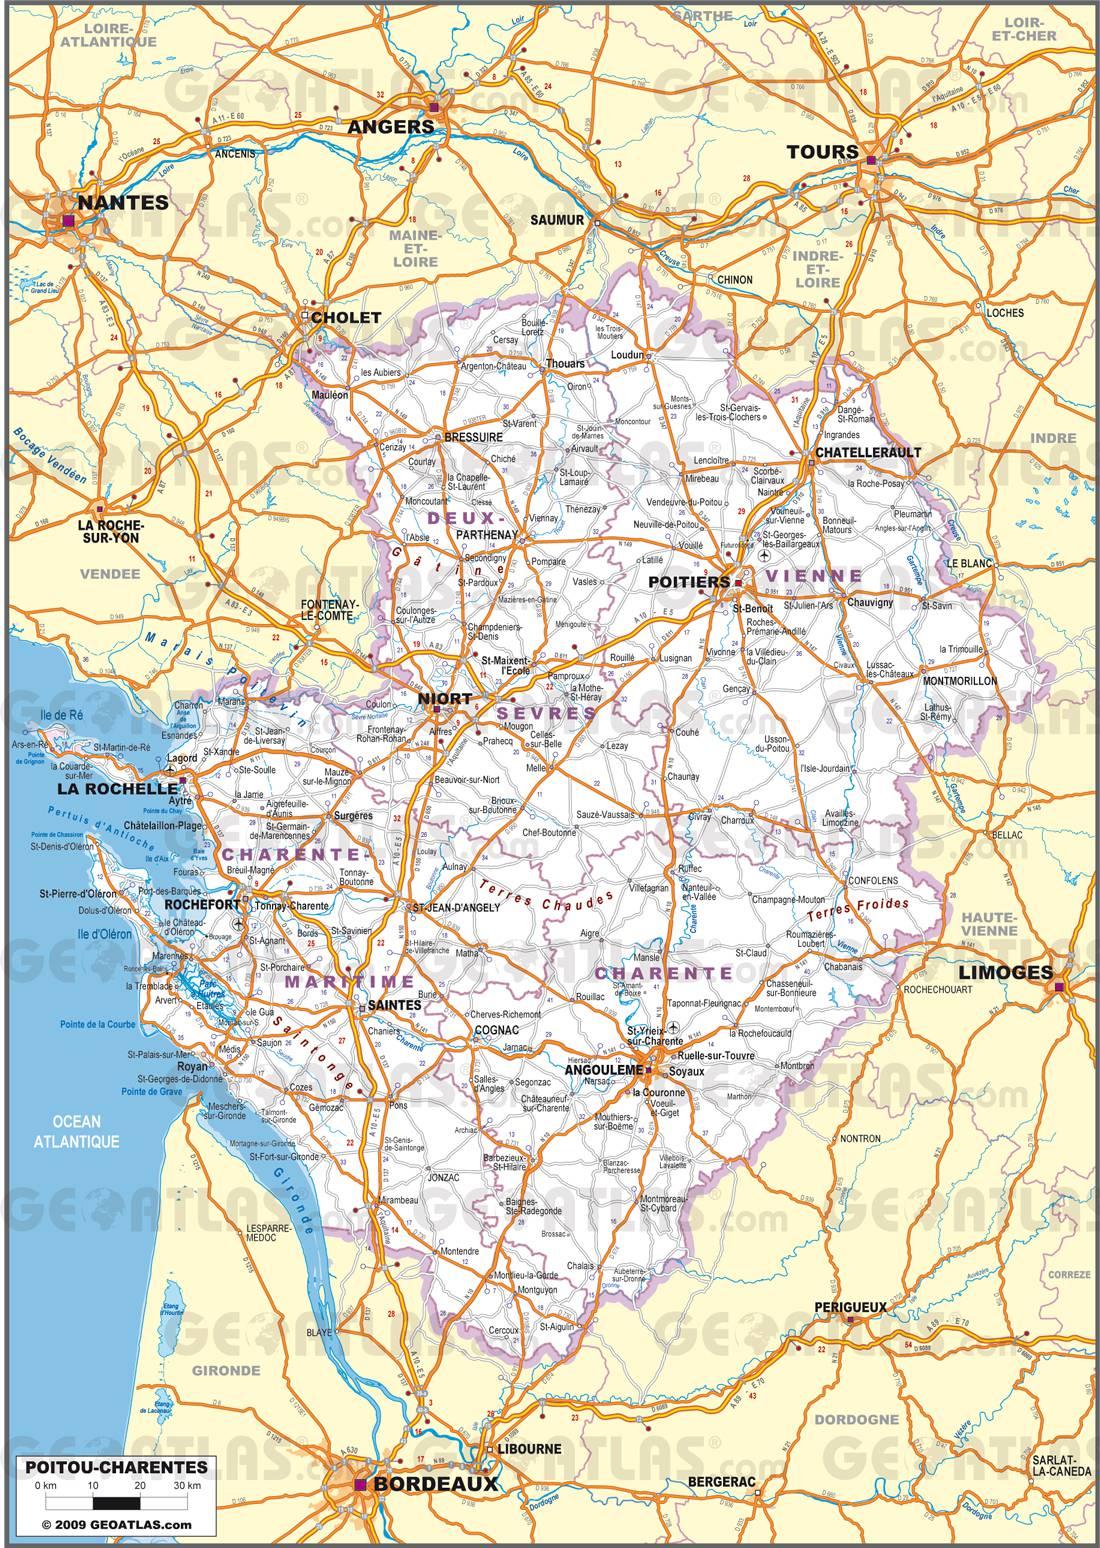 Carte routière du Poitou-Charentes